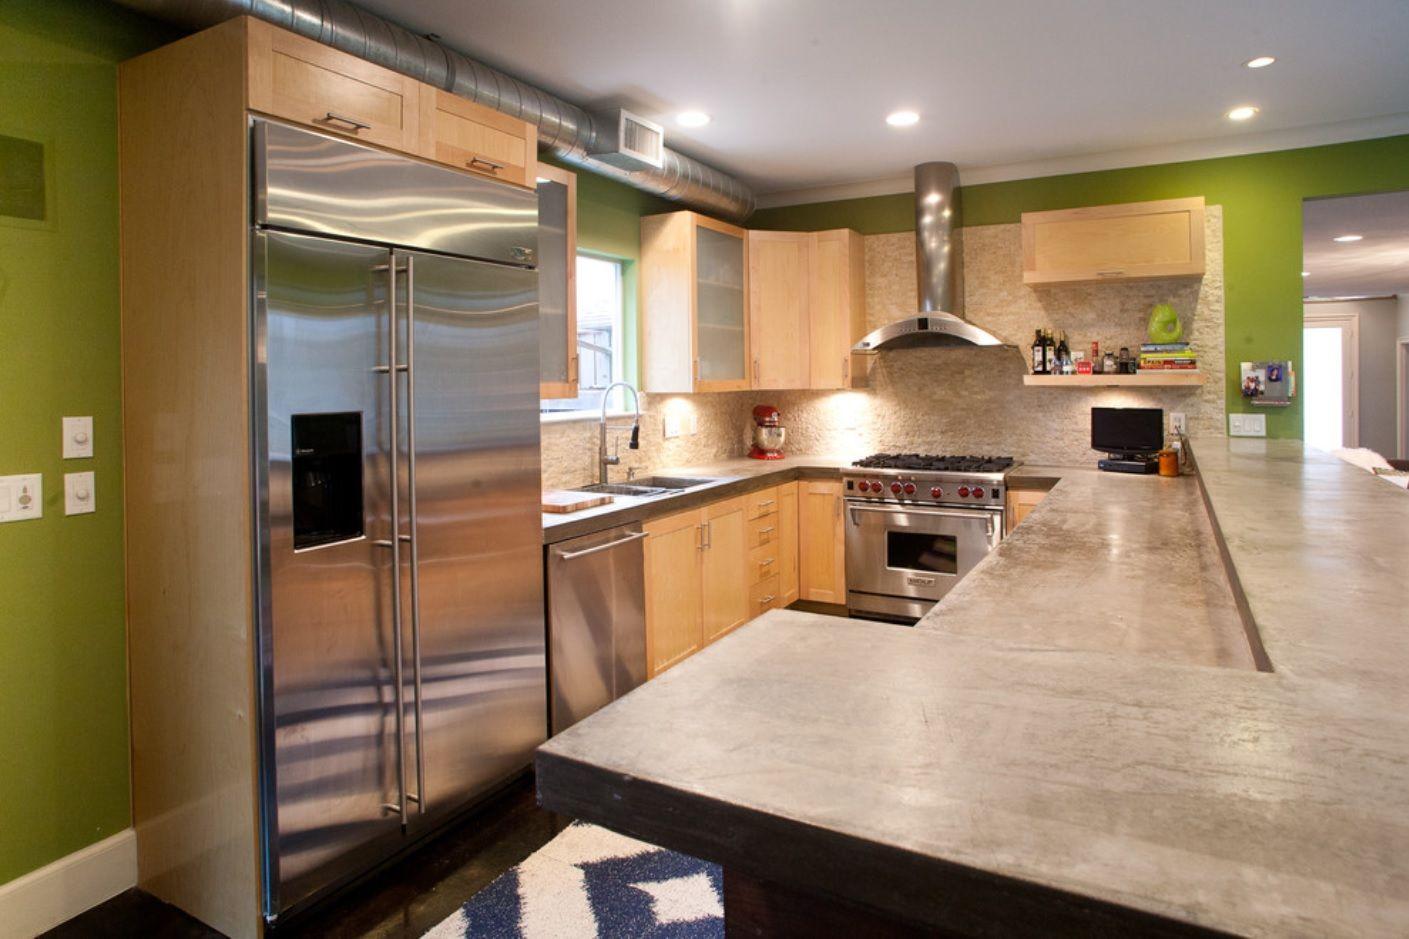 DIY Pouring Concrete Countertops. Interior Usage, Photos, Ideas. Gray color theme for modern kitchen